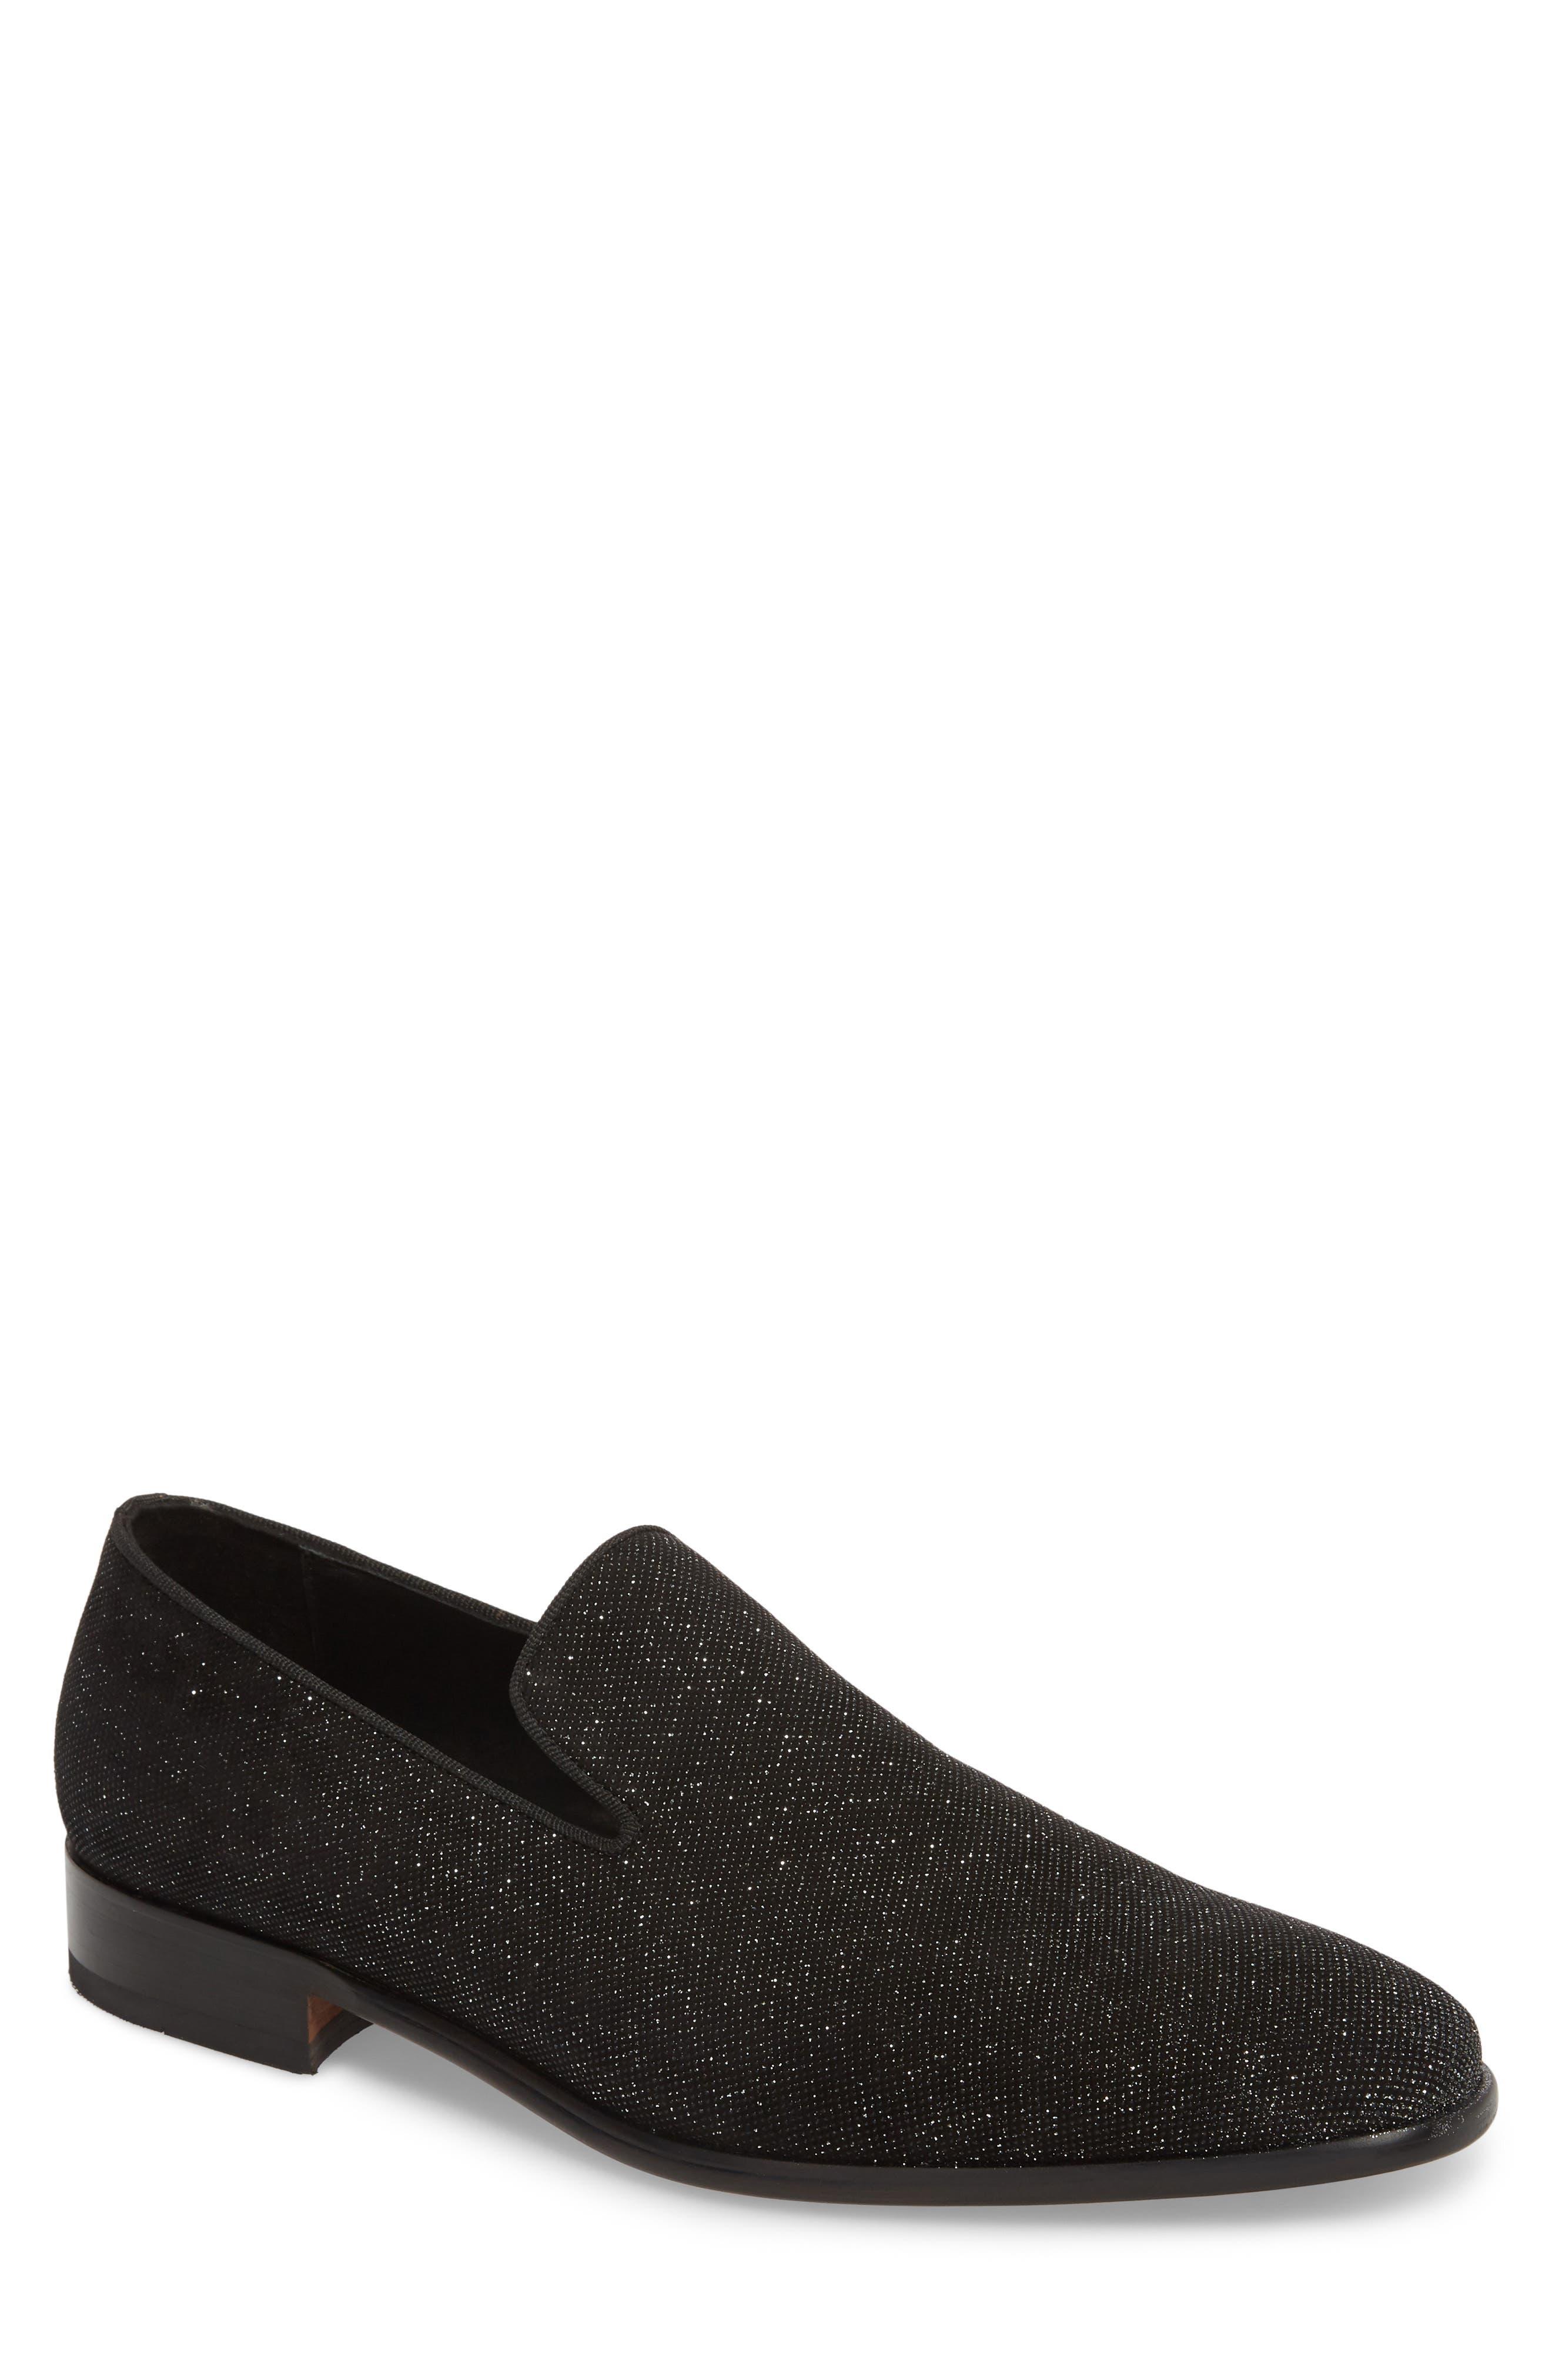 Elliot Venetian Loafer,                         Main,                         color, Black Suede